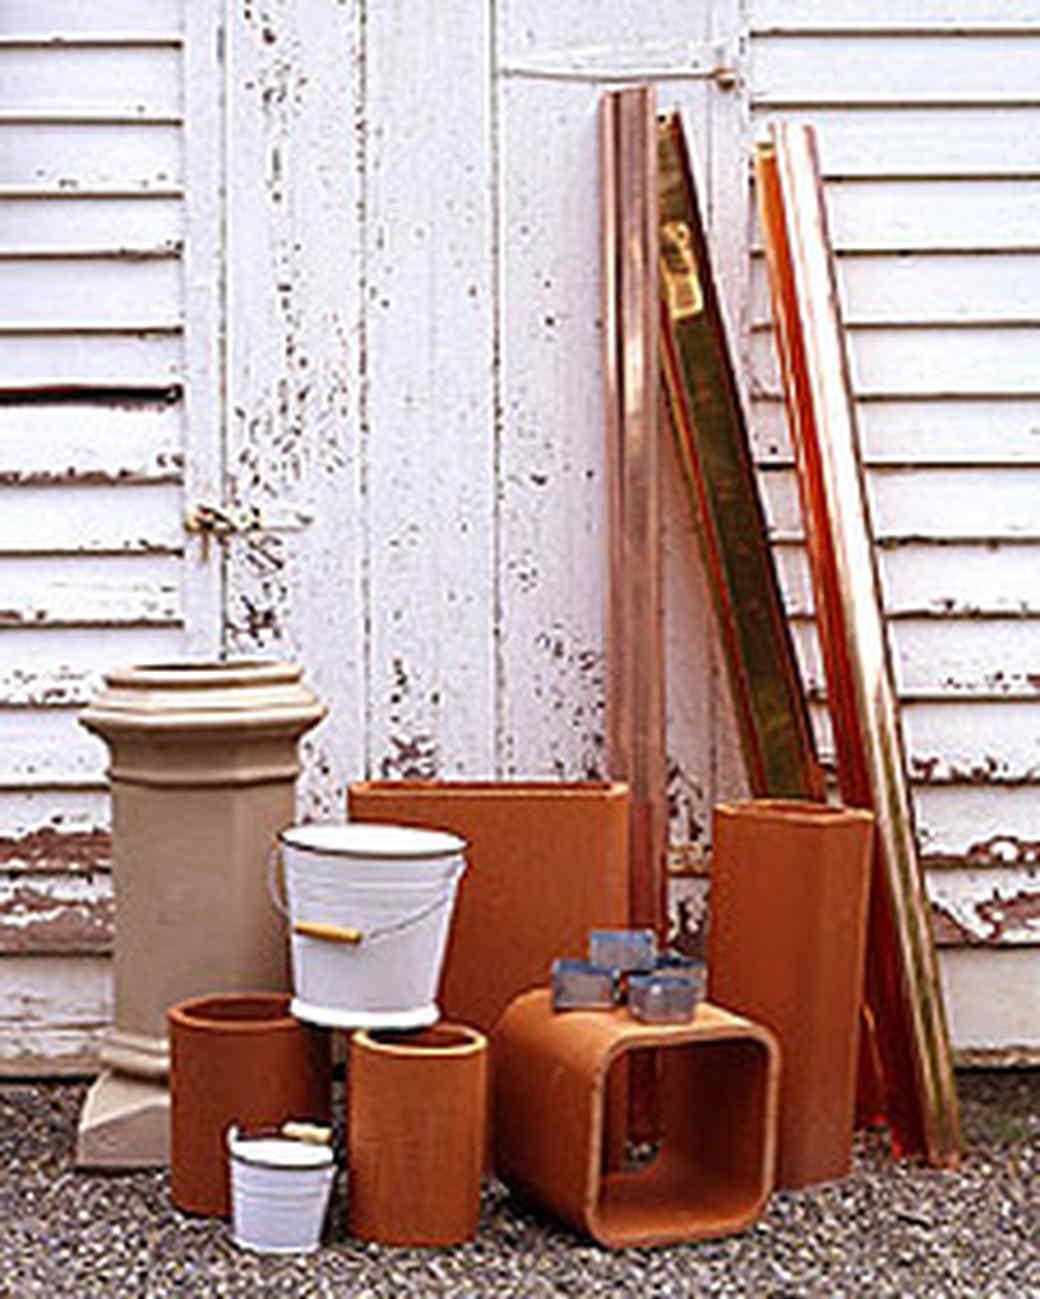 Surprising Garden Pots: Key Materials